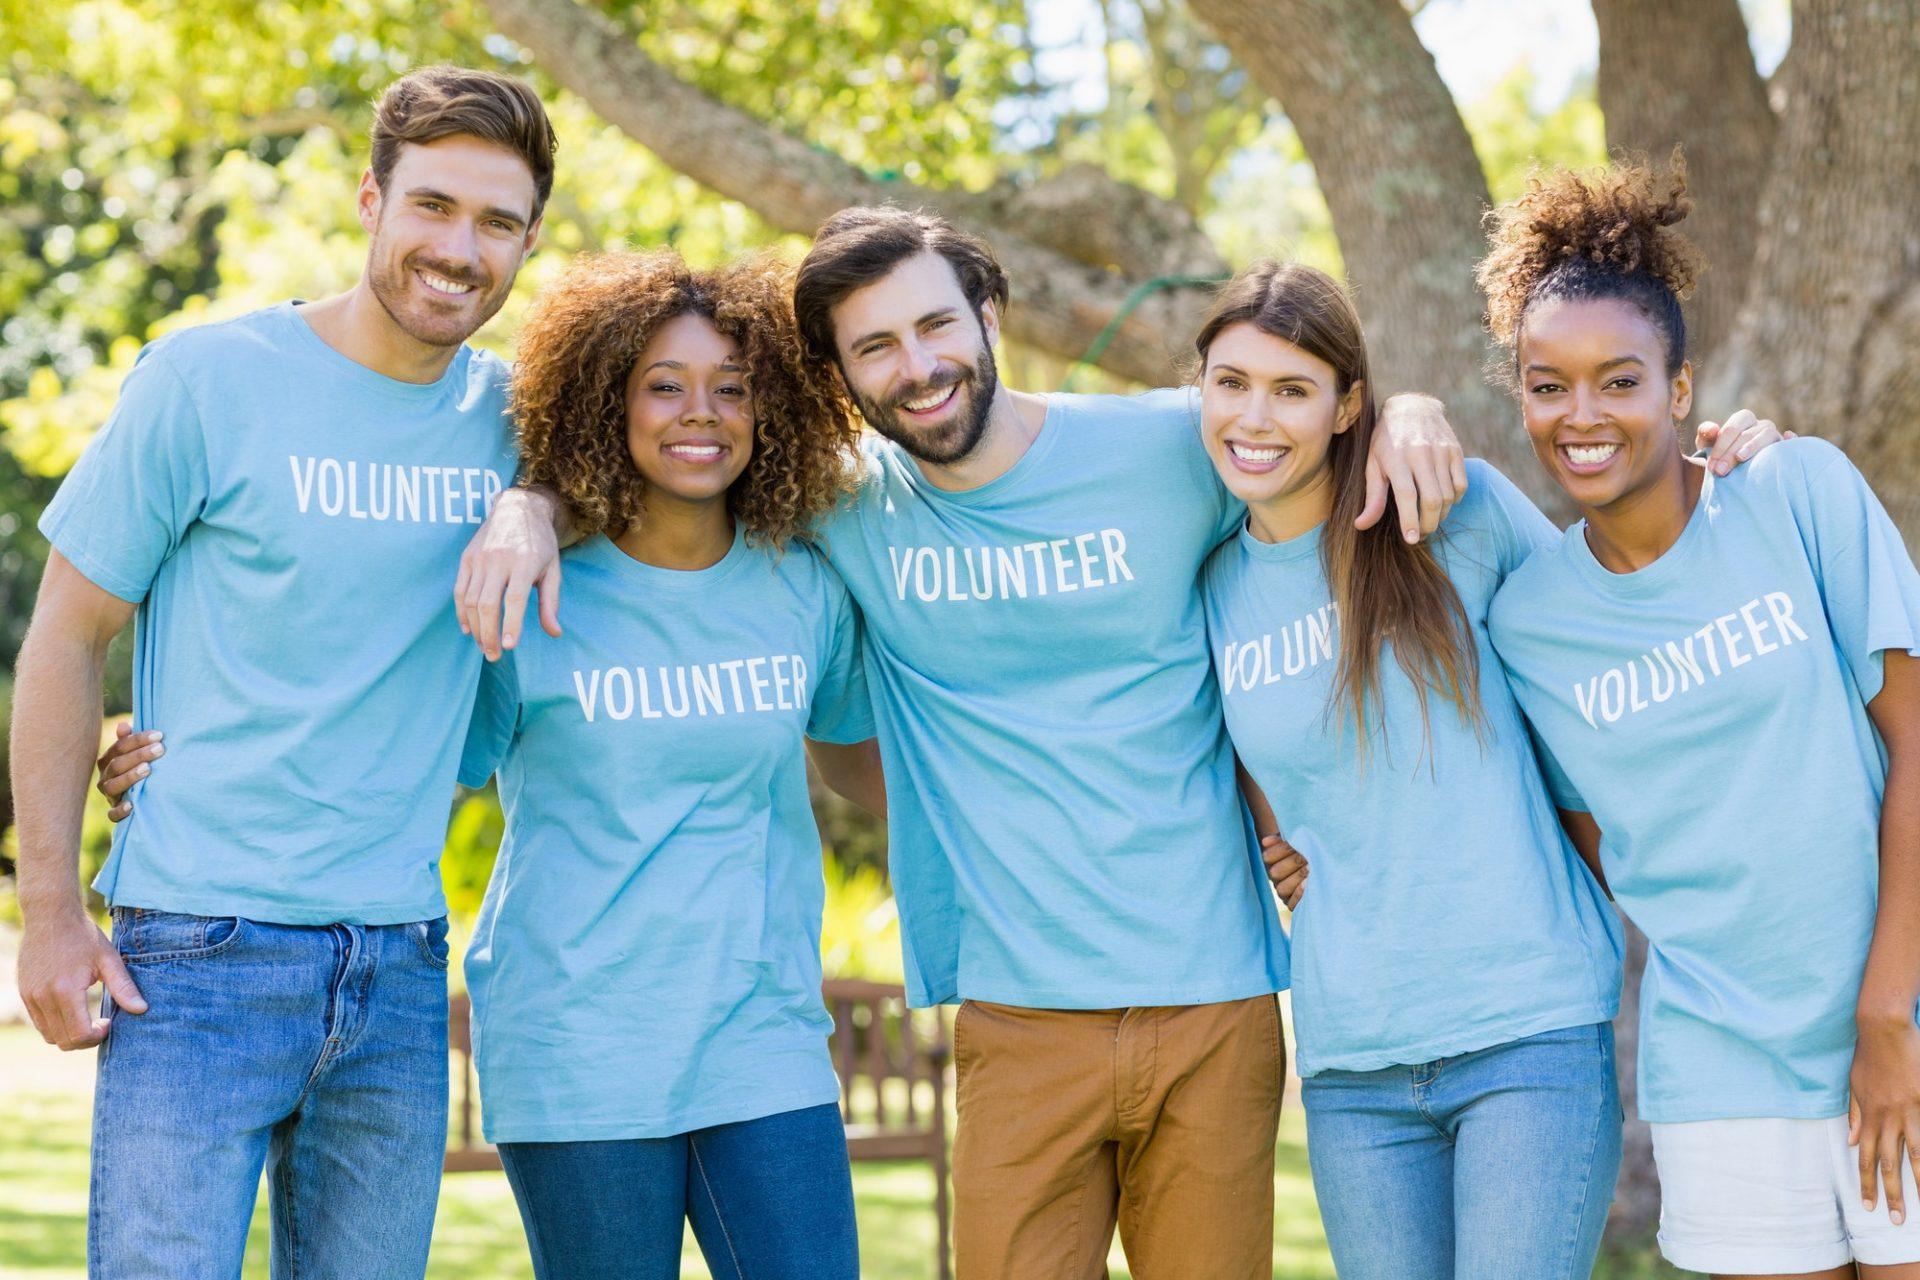 Portrait of volunteer group posing